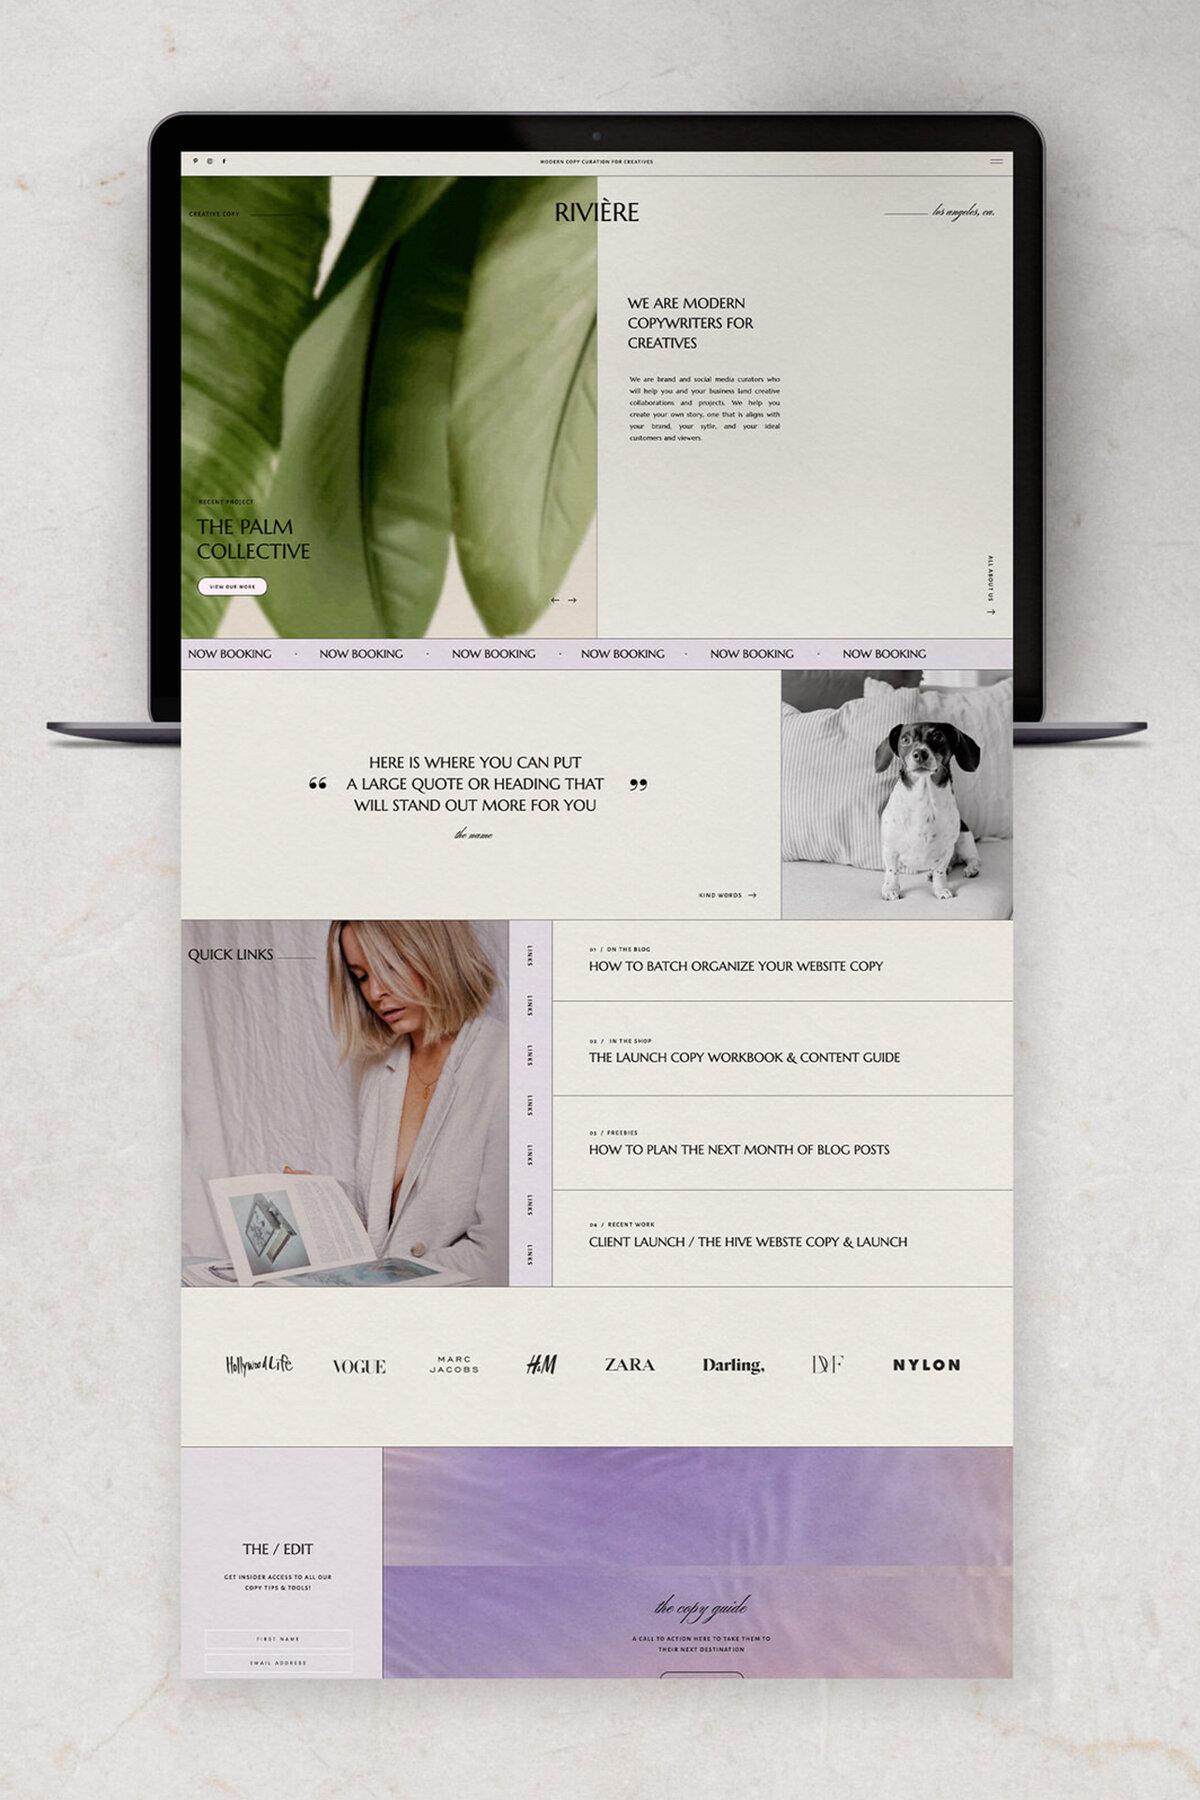 Easy-to-Edit Showit Website Templates for Creative Businesses, Stylish Showit Template Shop, Modern Social Media Templates, Saffron Avenue, www.shopsaffronavenue.com